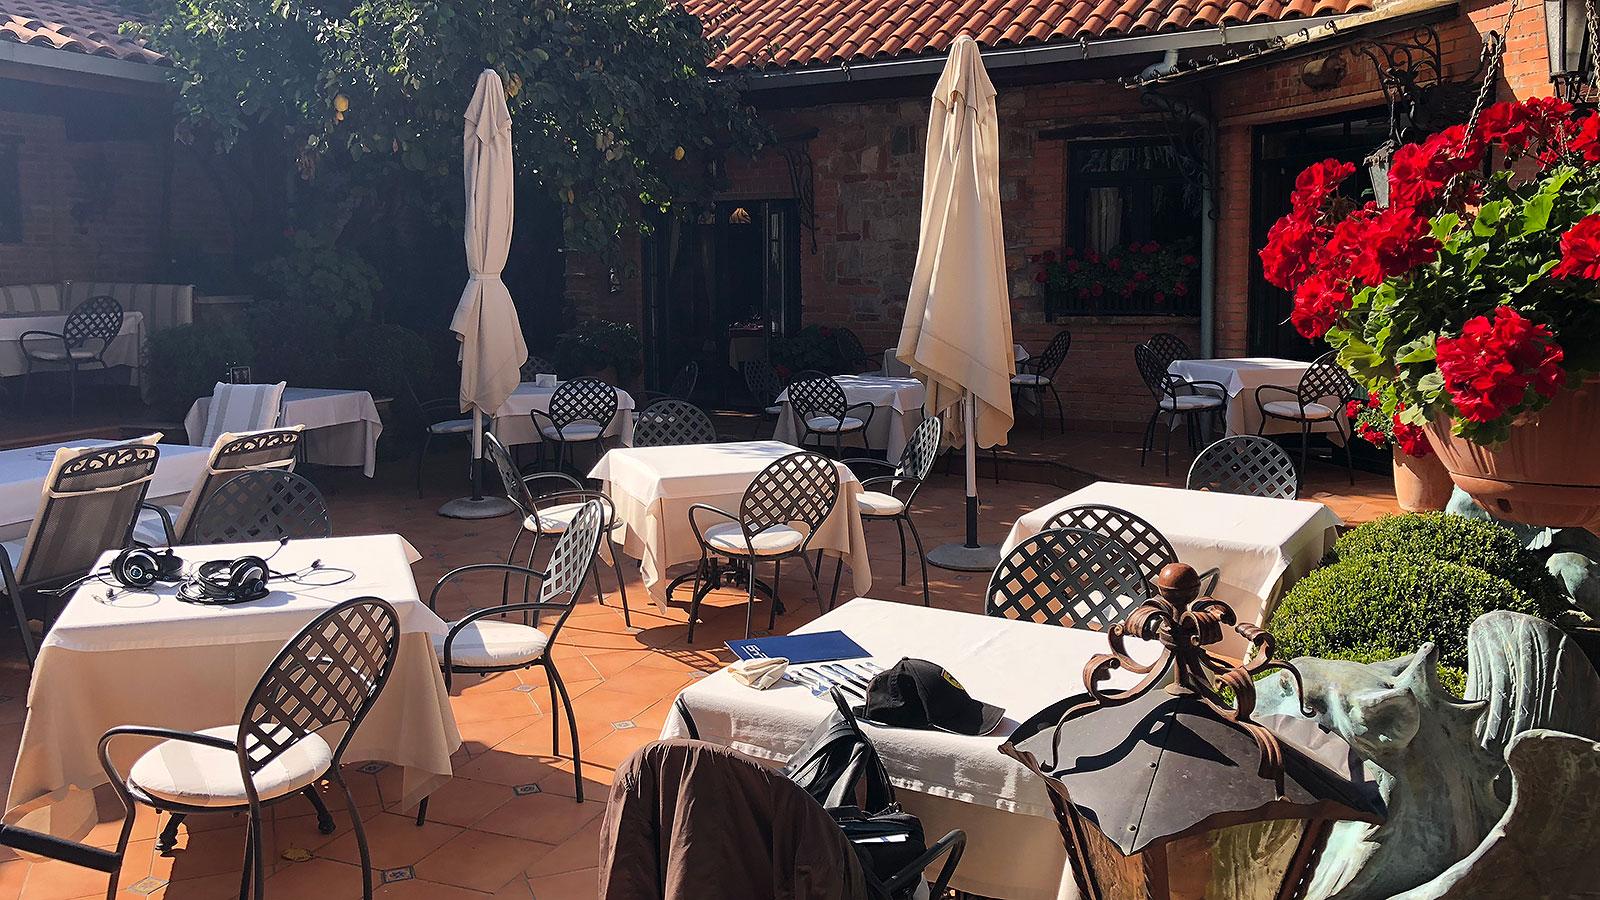 Градината на кастело ди Сан Марино – ресторант Сол и пипер